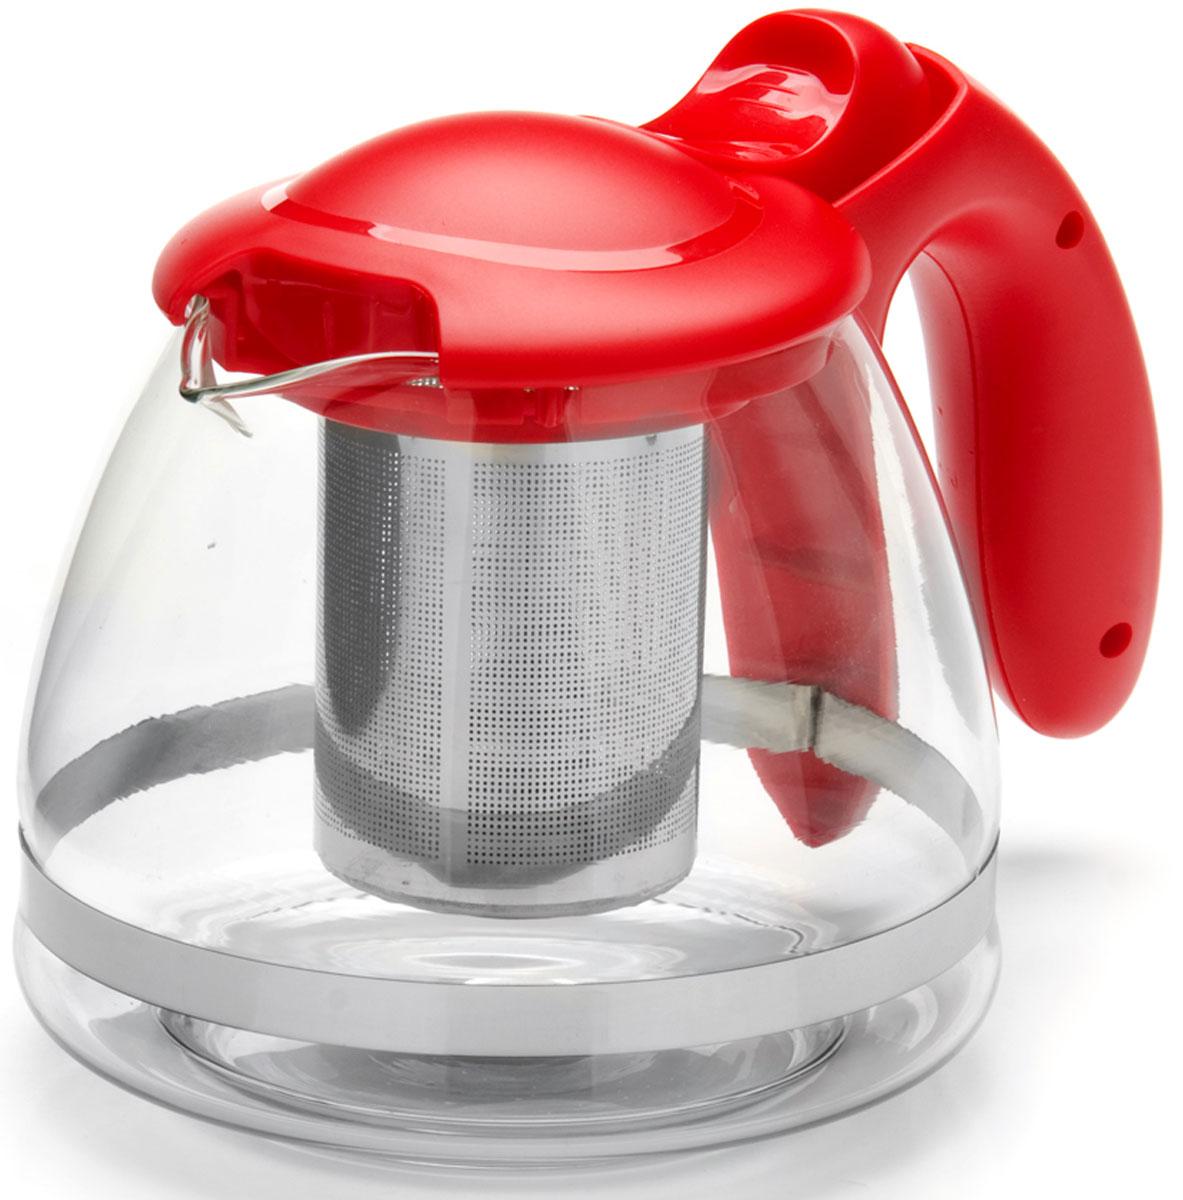 Чайник заварочный Mayer & Boch, с фильтром, цвет: прозрачный, красный, 1,2 л. 26172-126172-1Заварочный чайник изготовлен из термостойкого боросиликатного стекла, фильтр выполнены из нержавеющей стали. Изделия из стекла не впитывают запахи, благодаря чему вы всегда получите натуральный, насыщенный вкус и аромат напитков. Подходит для мытья в посудомоечной машине.Объем чайника: 1200 мл.